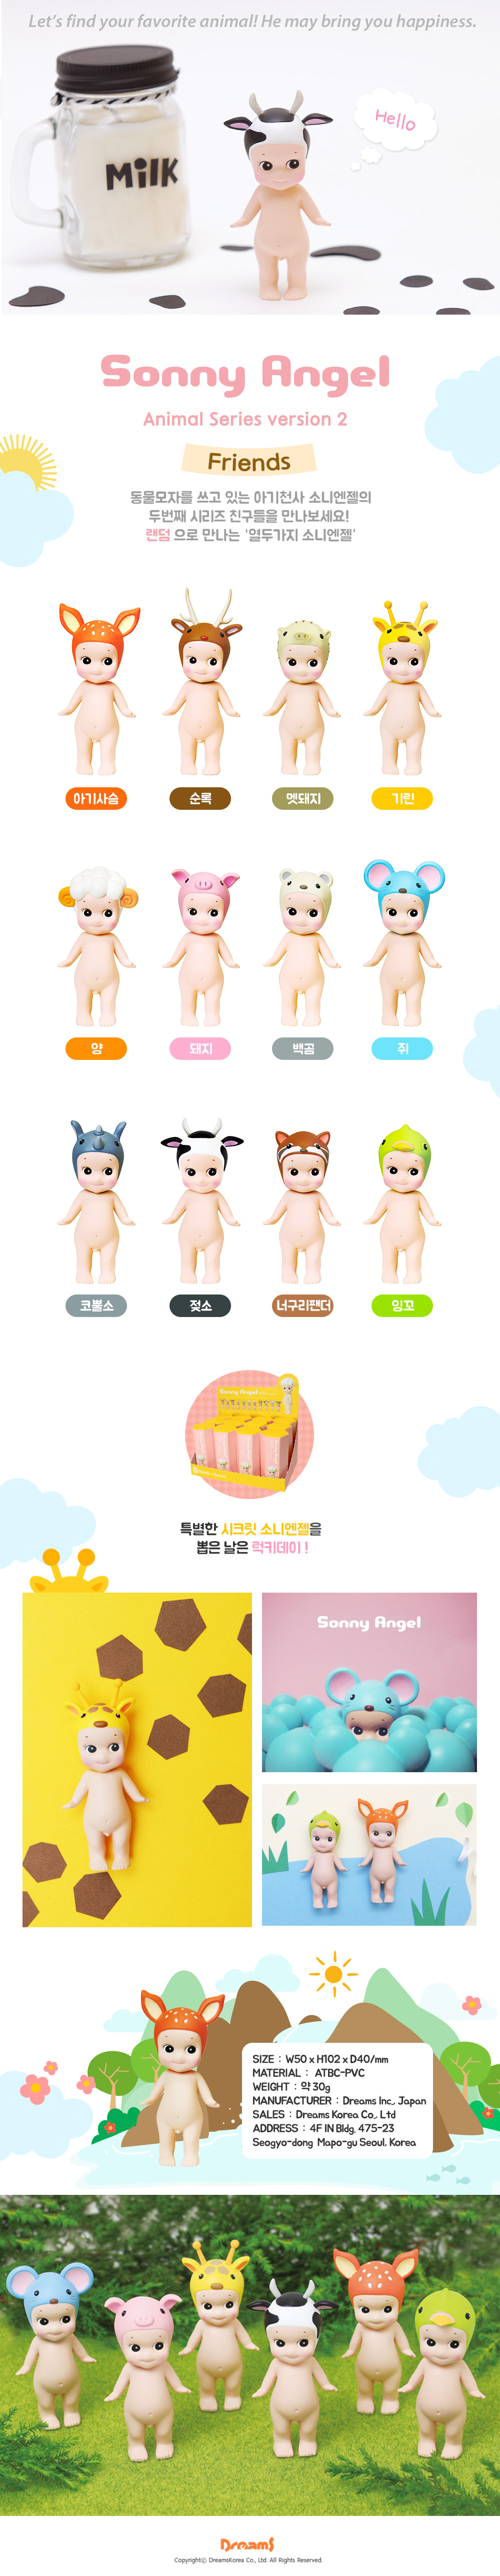 [드림즈코리아 정품 소니엔젤] 미니피규어_Animal 2 ver (랜덤) - 소니엔젤, 6,900원, 캐릭터 피규어, 소니엔젤